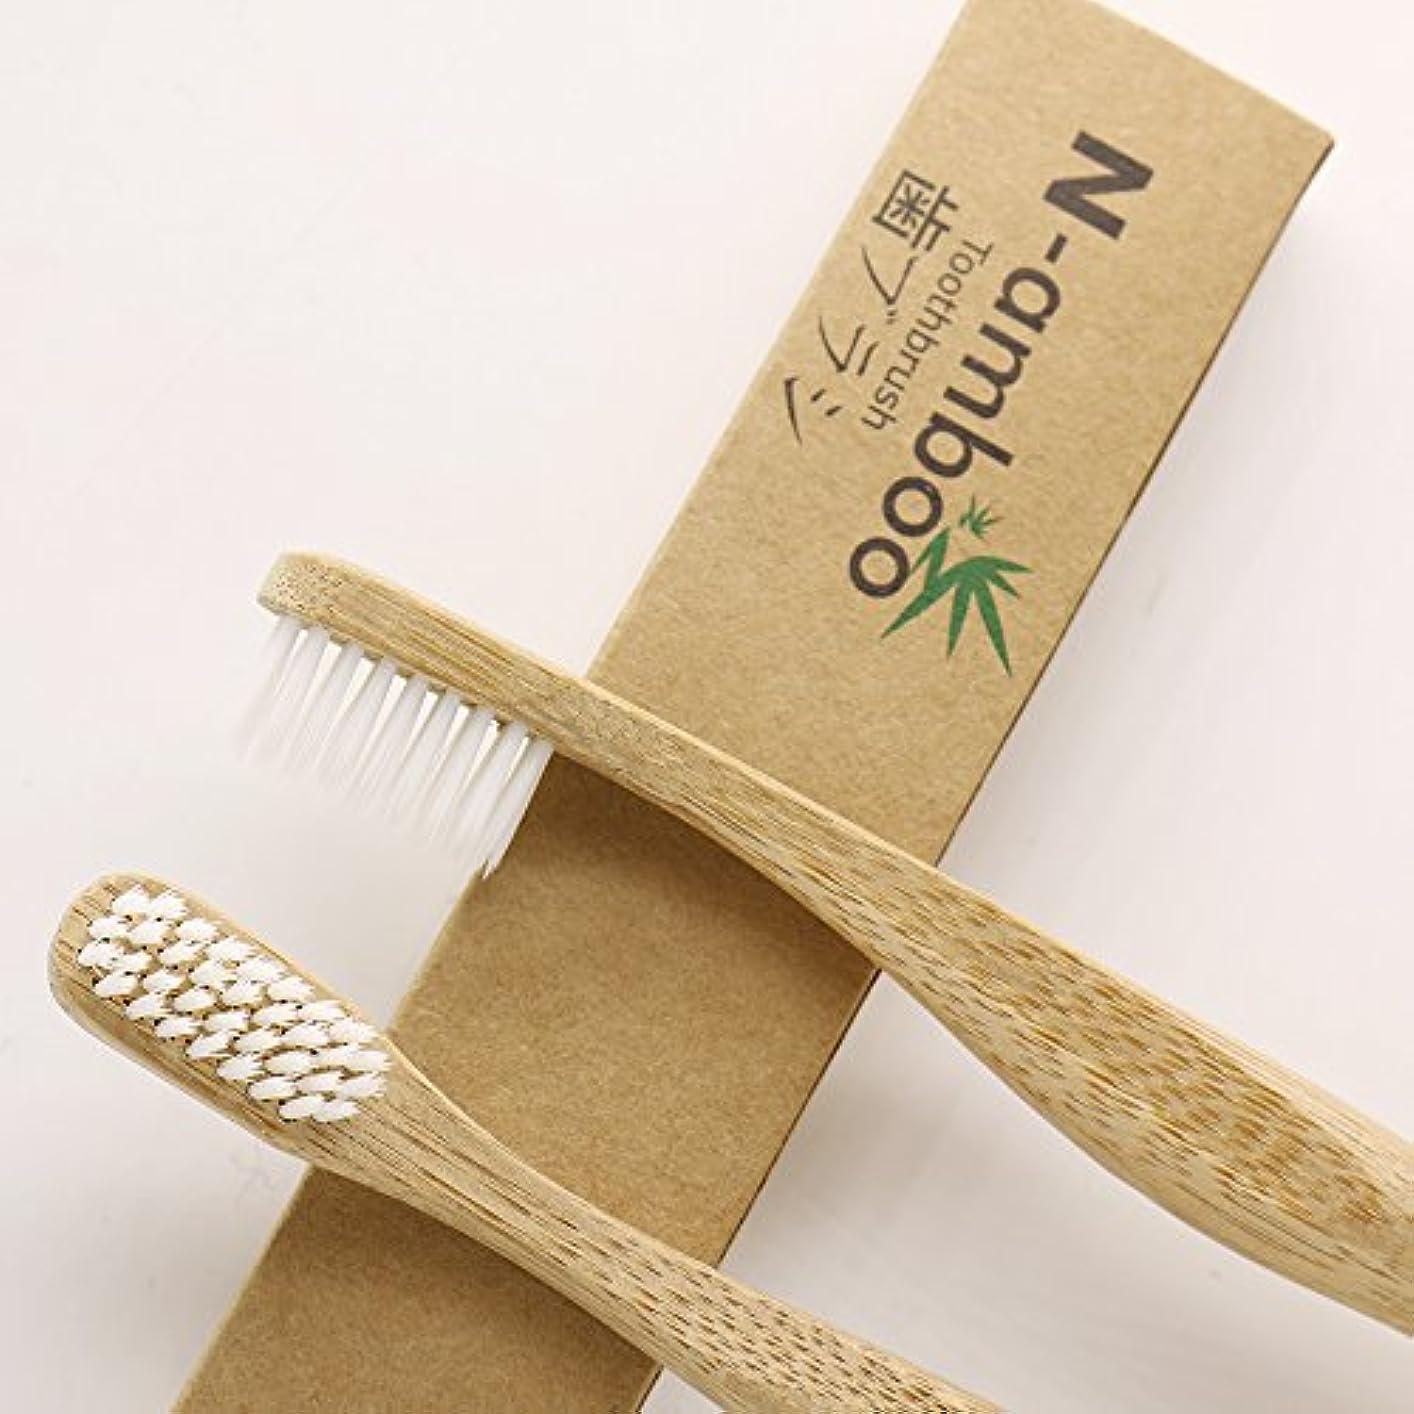 賞ホール幸運N-amboo 竹製耐久度高い 歯ブラシ 2本入り セット ハンドル握りやすい 白い